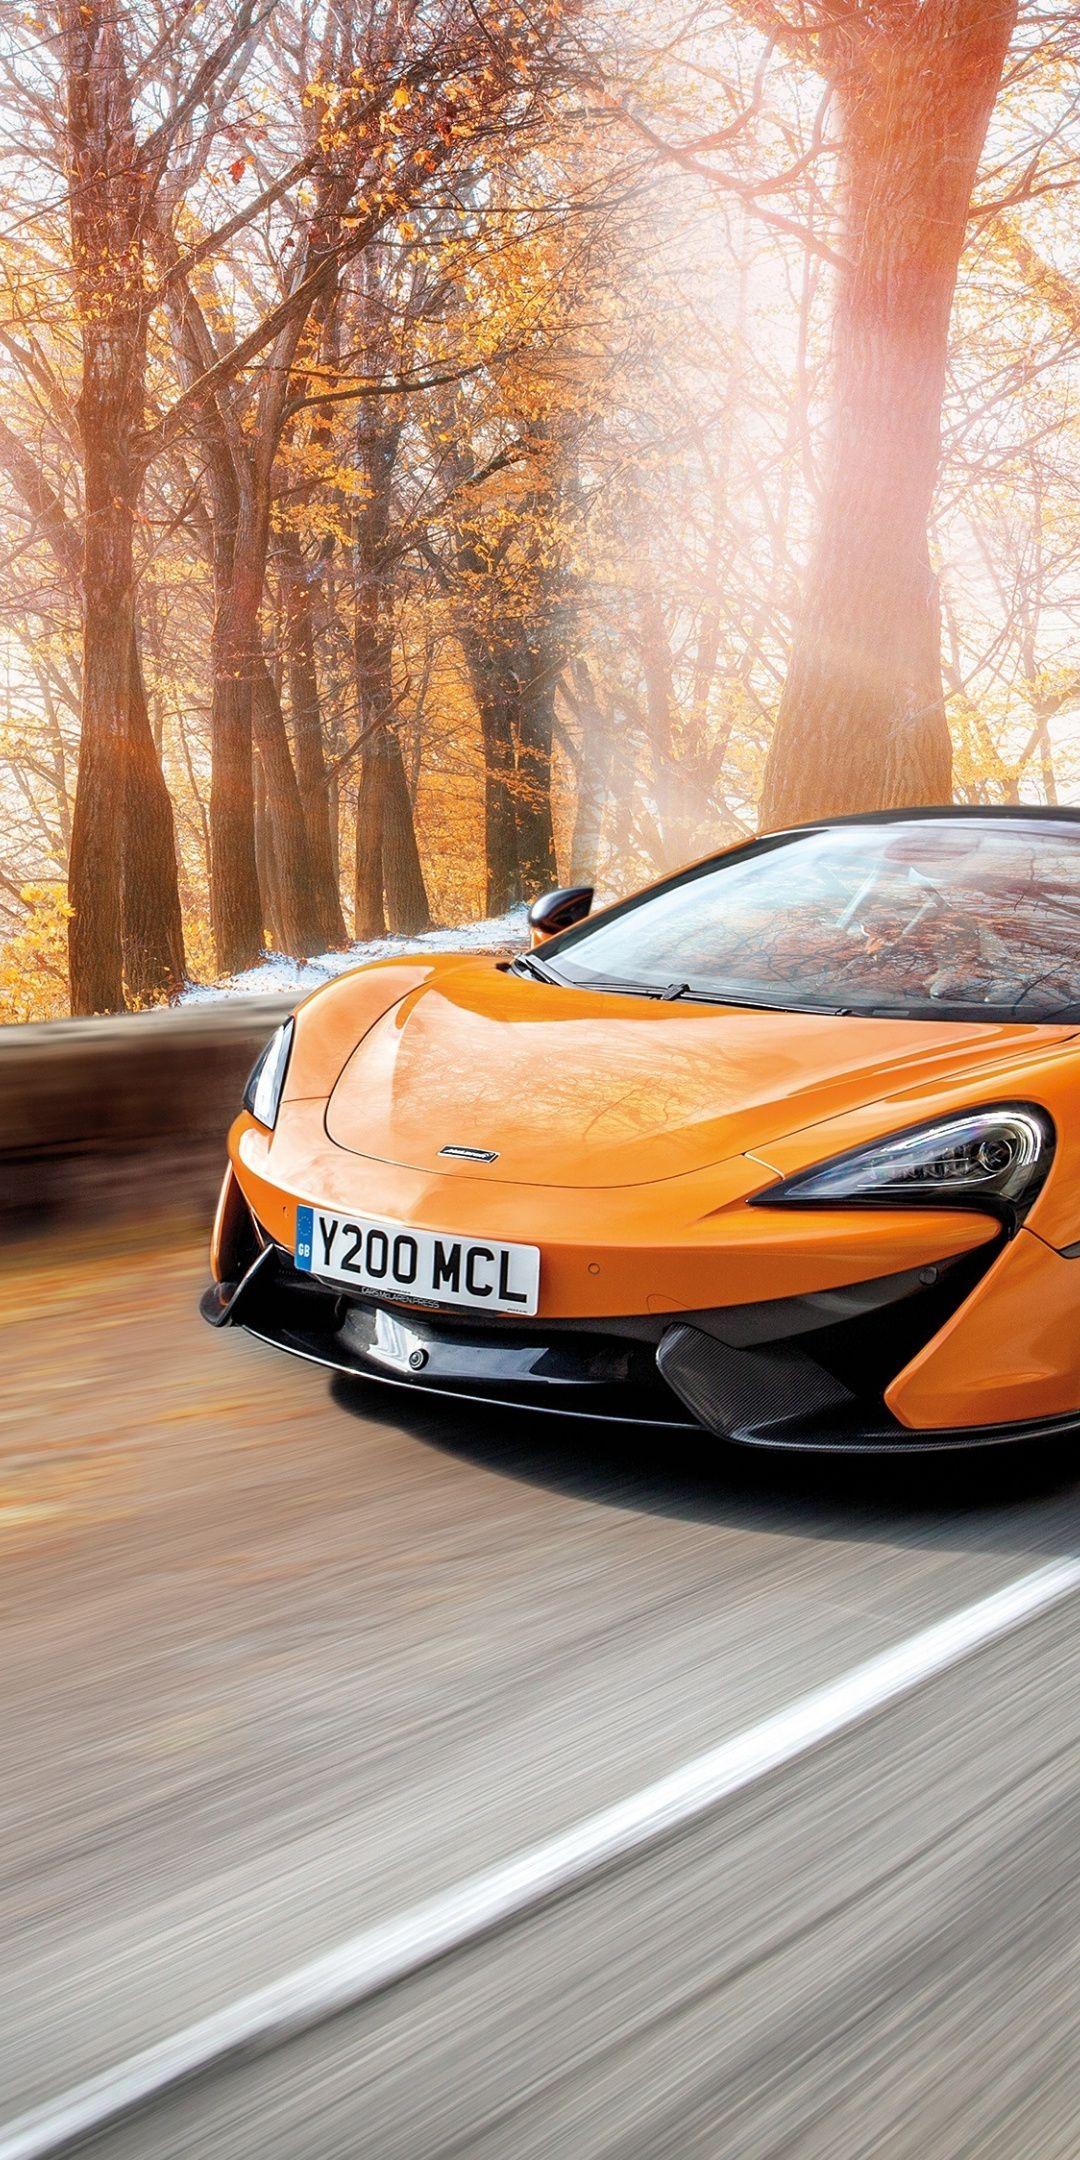 Orange Mclaren 570s Sports Car On Road 1080x2160 Wallpaper Sports Car Mclaren 570s Car